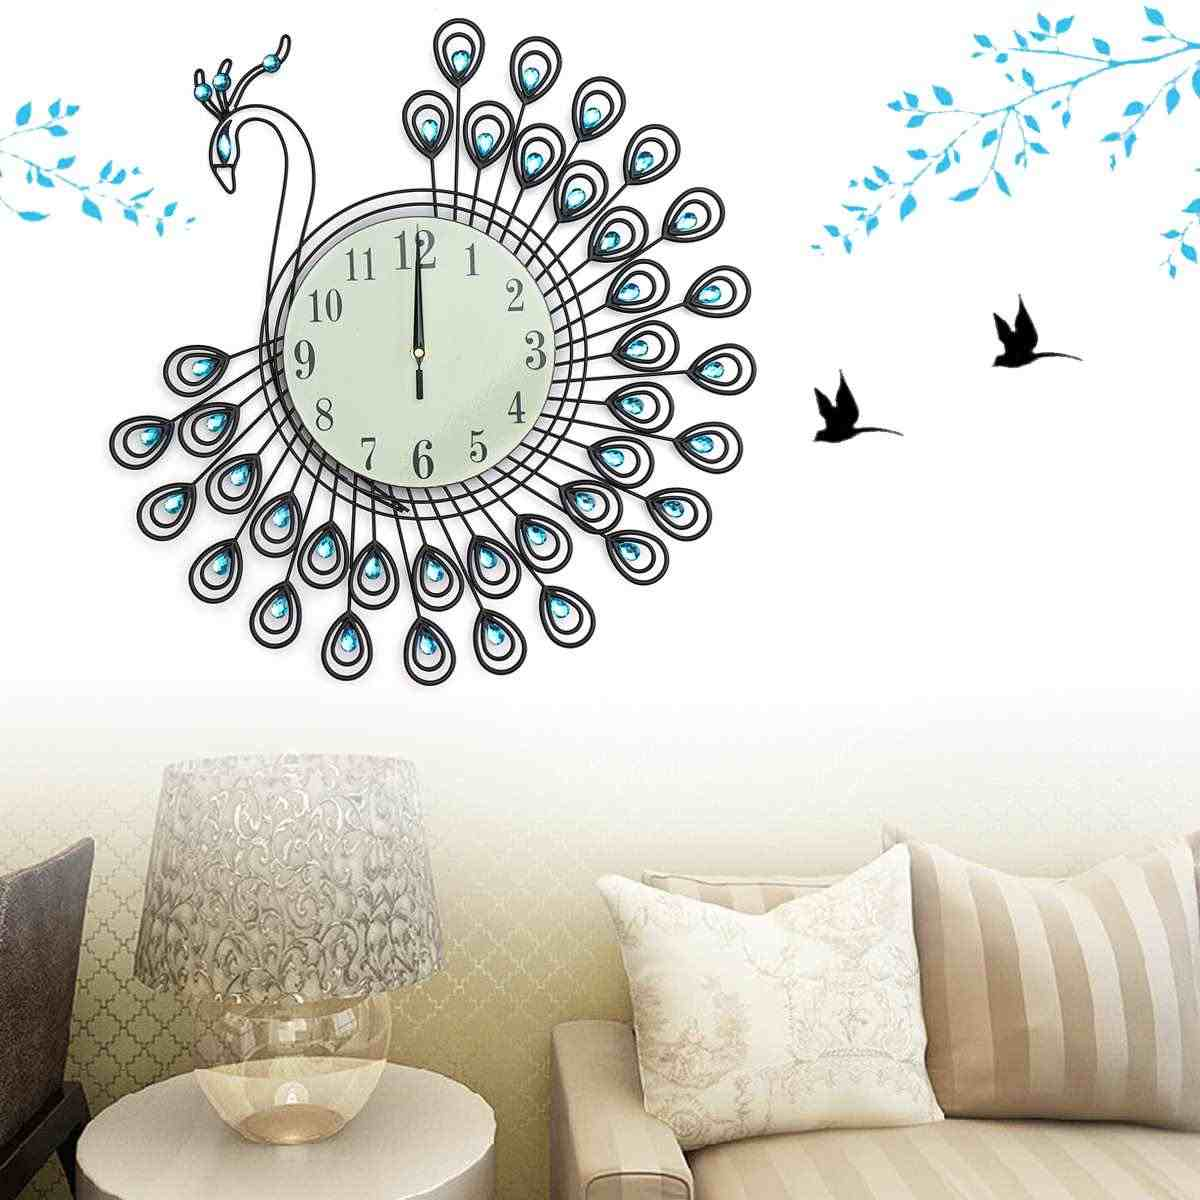 Большой 3D современный DIY Павлин металлический кристалл стекло алмаз наклейка светится в темноте Искусство Декор для дома комнаты 54*54 см